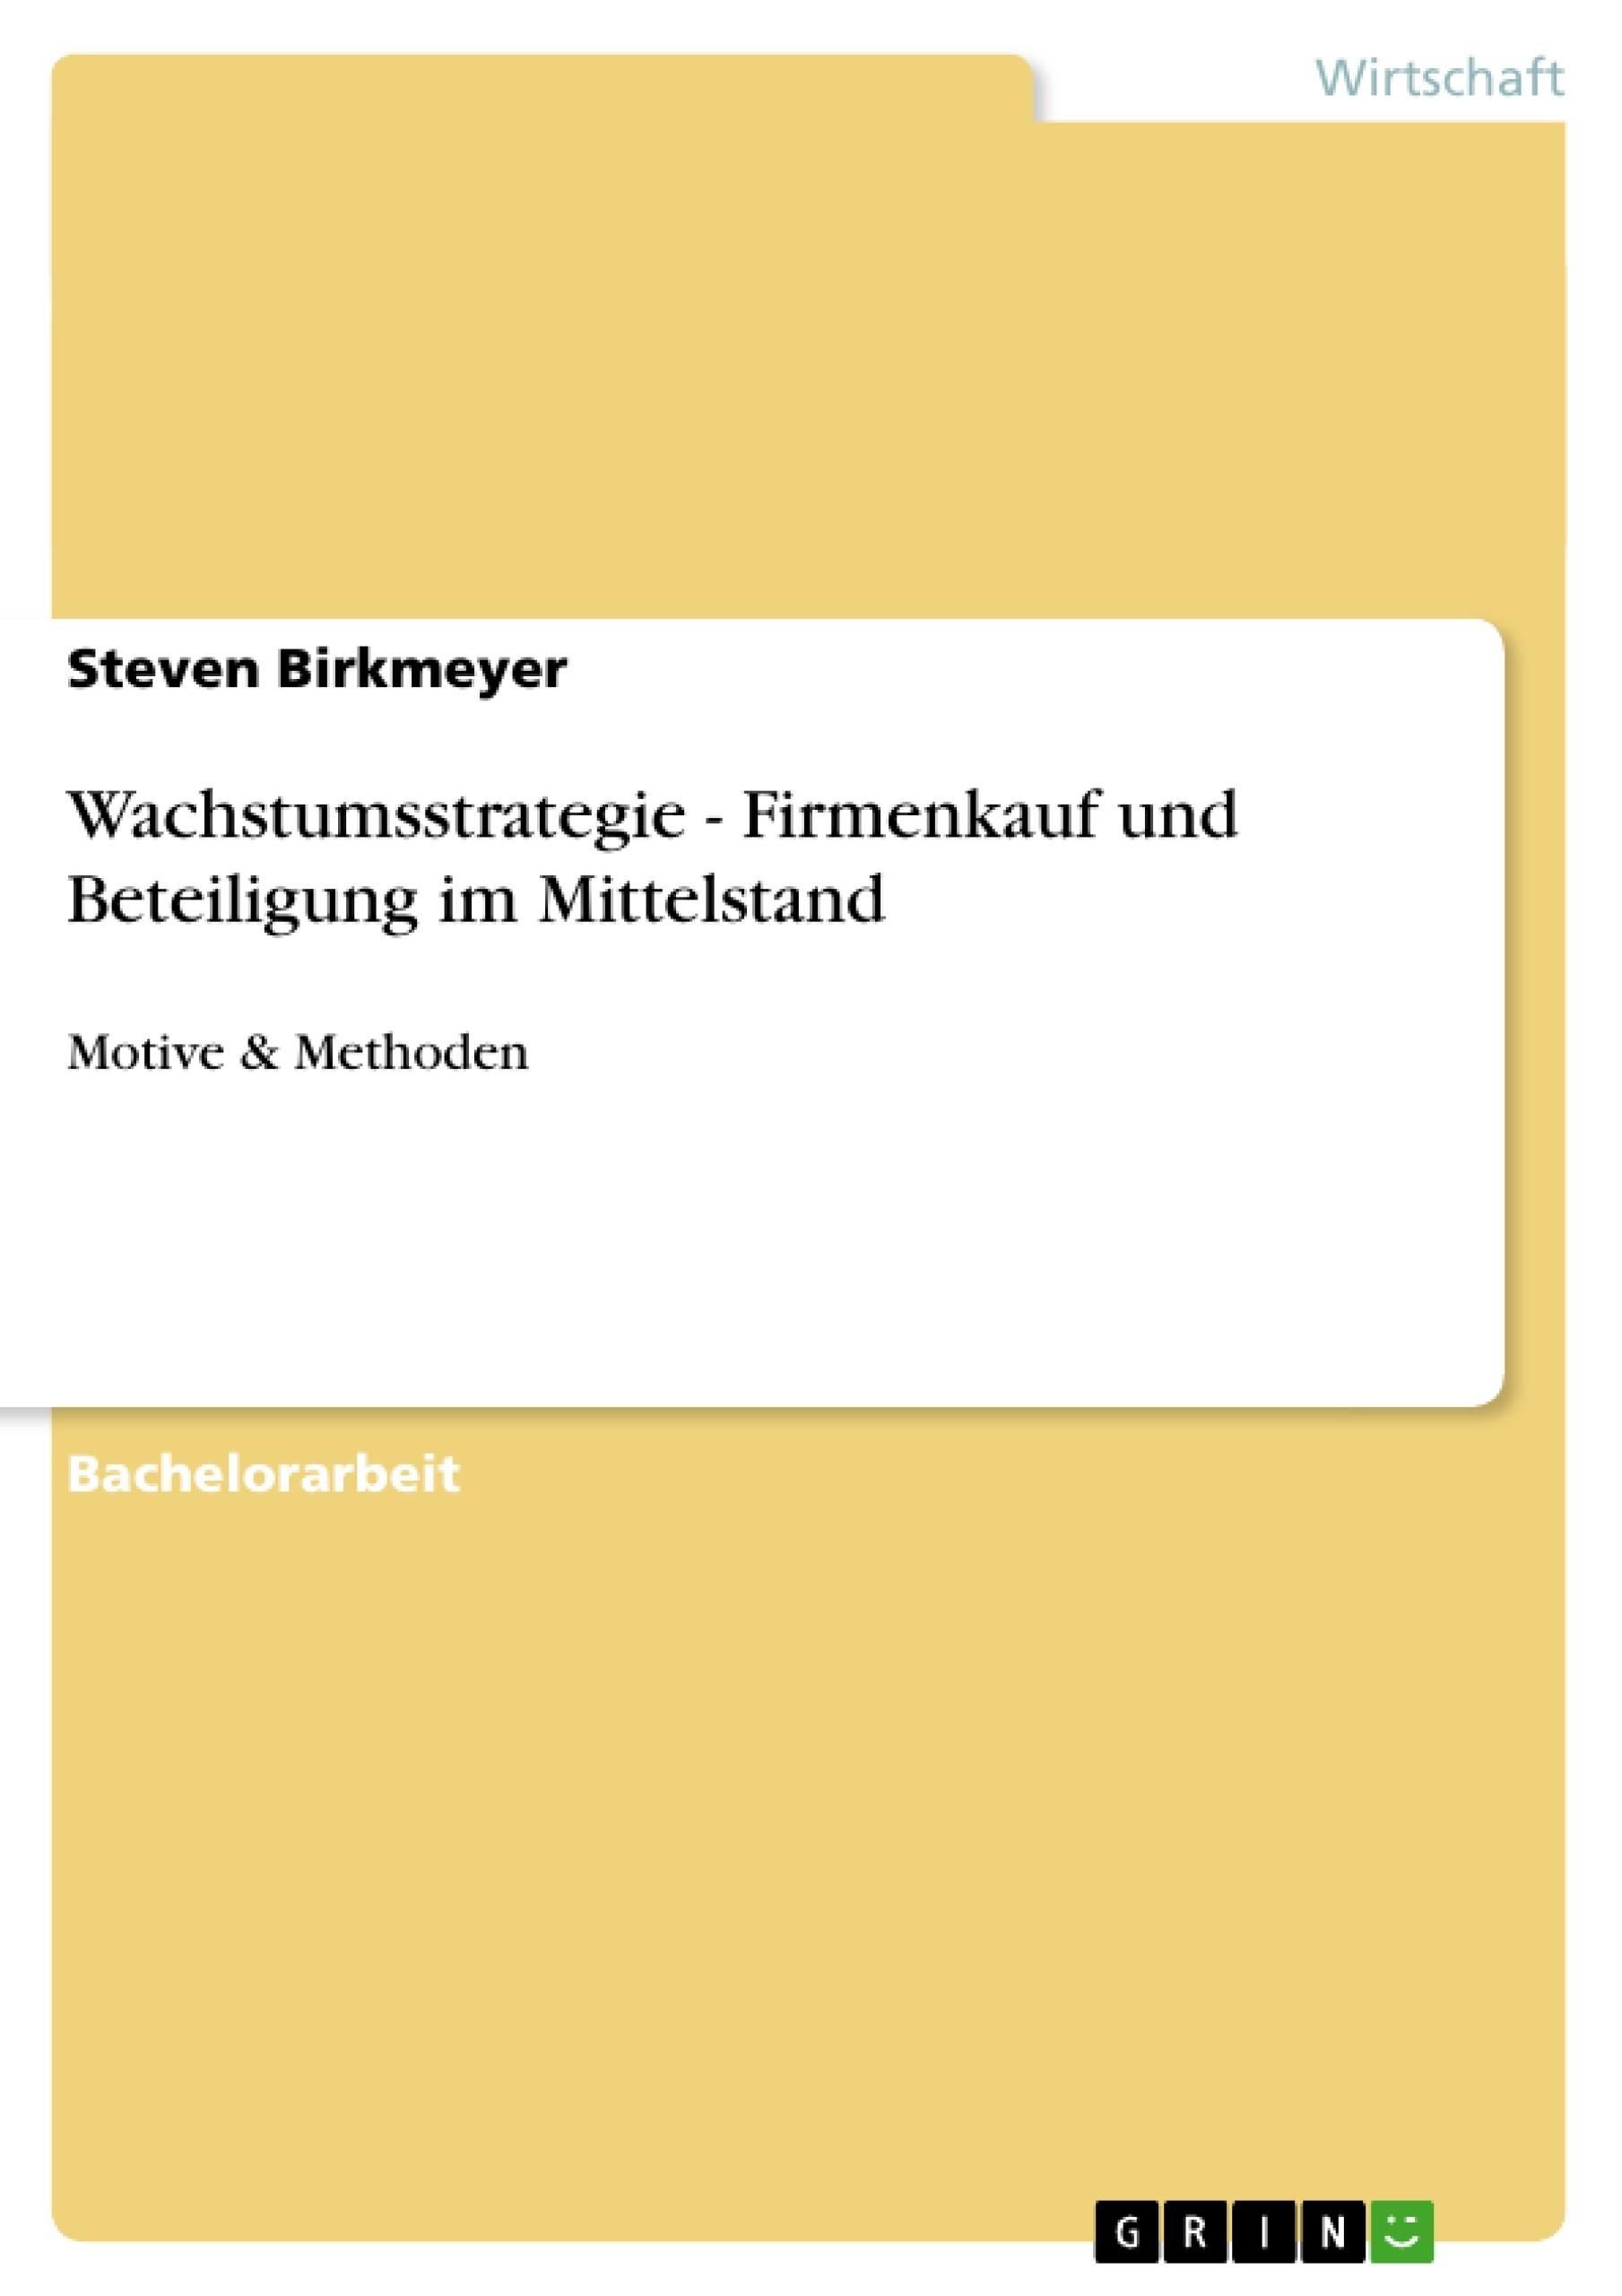 Titel: Wachstumsstrategie - Firmenkauf und Beteiligung im Mittelstand